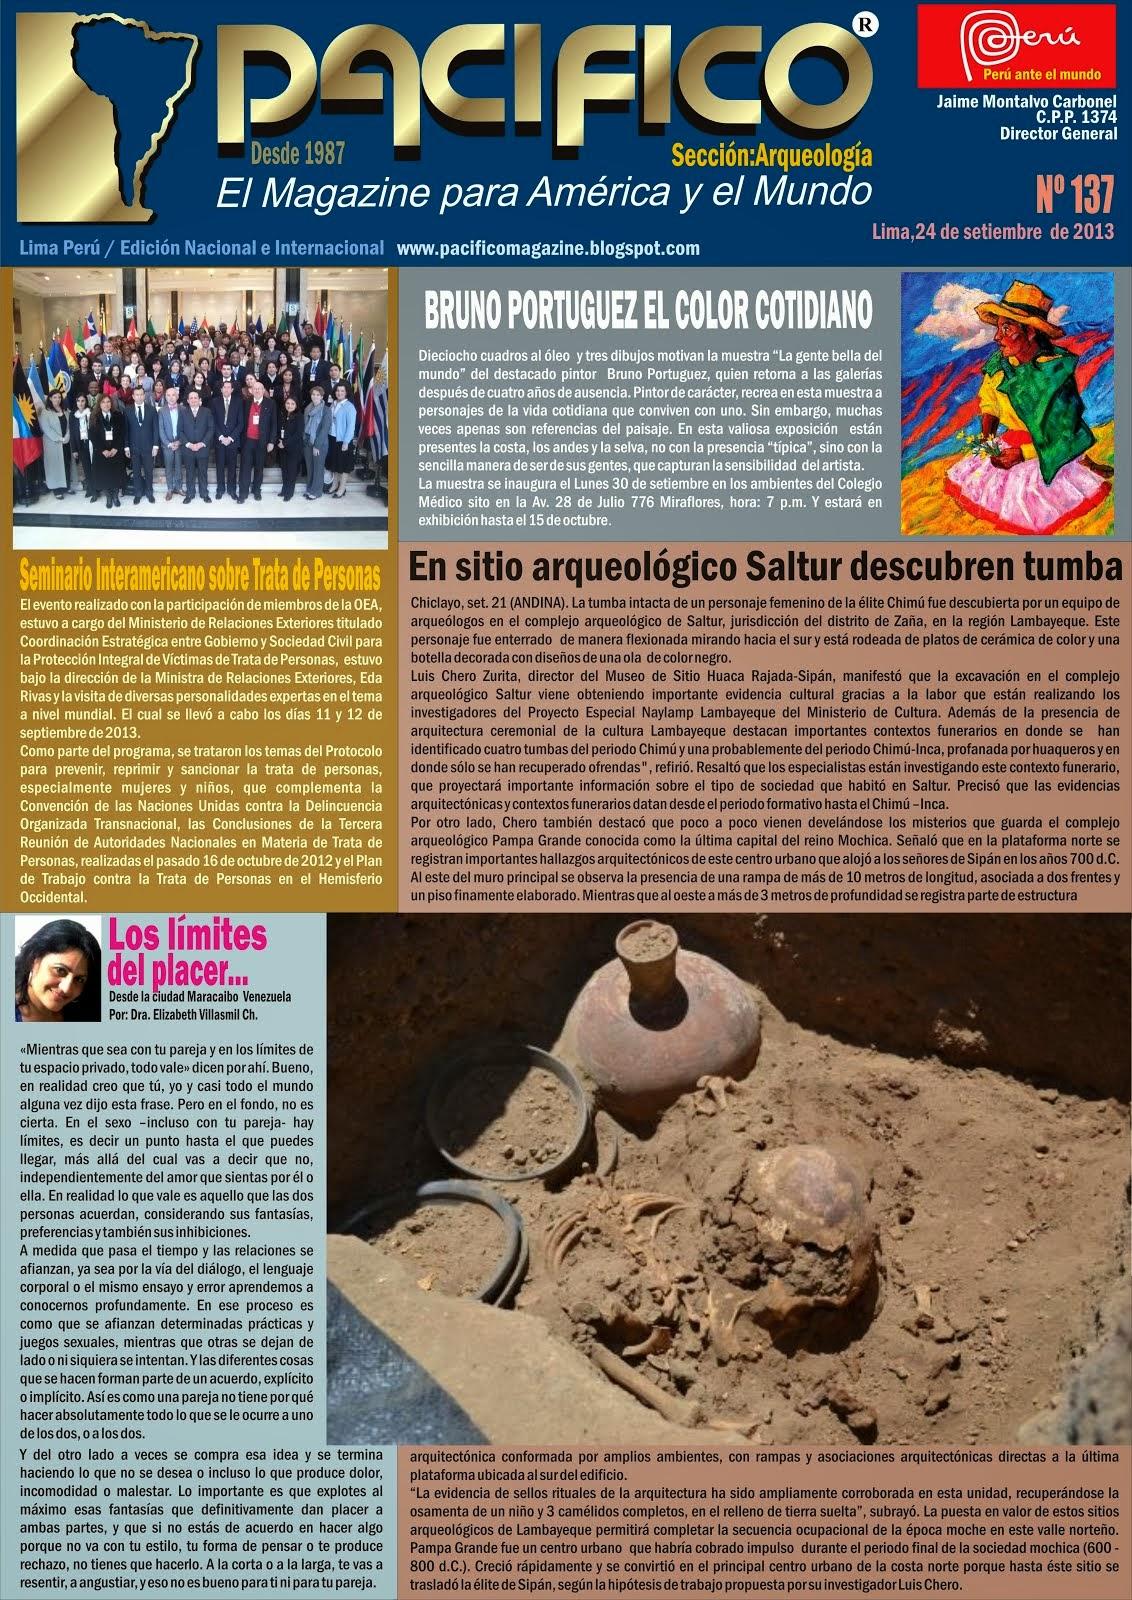 Revista Pacífico Nº 137 Arqueología